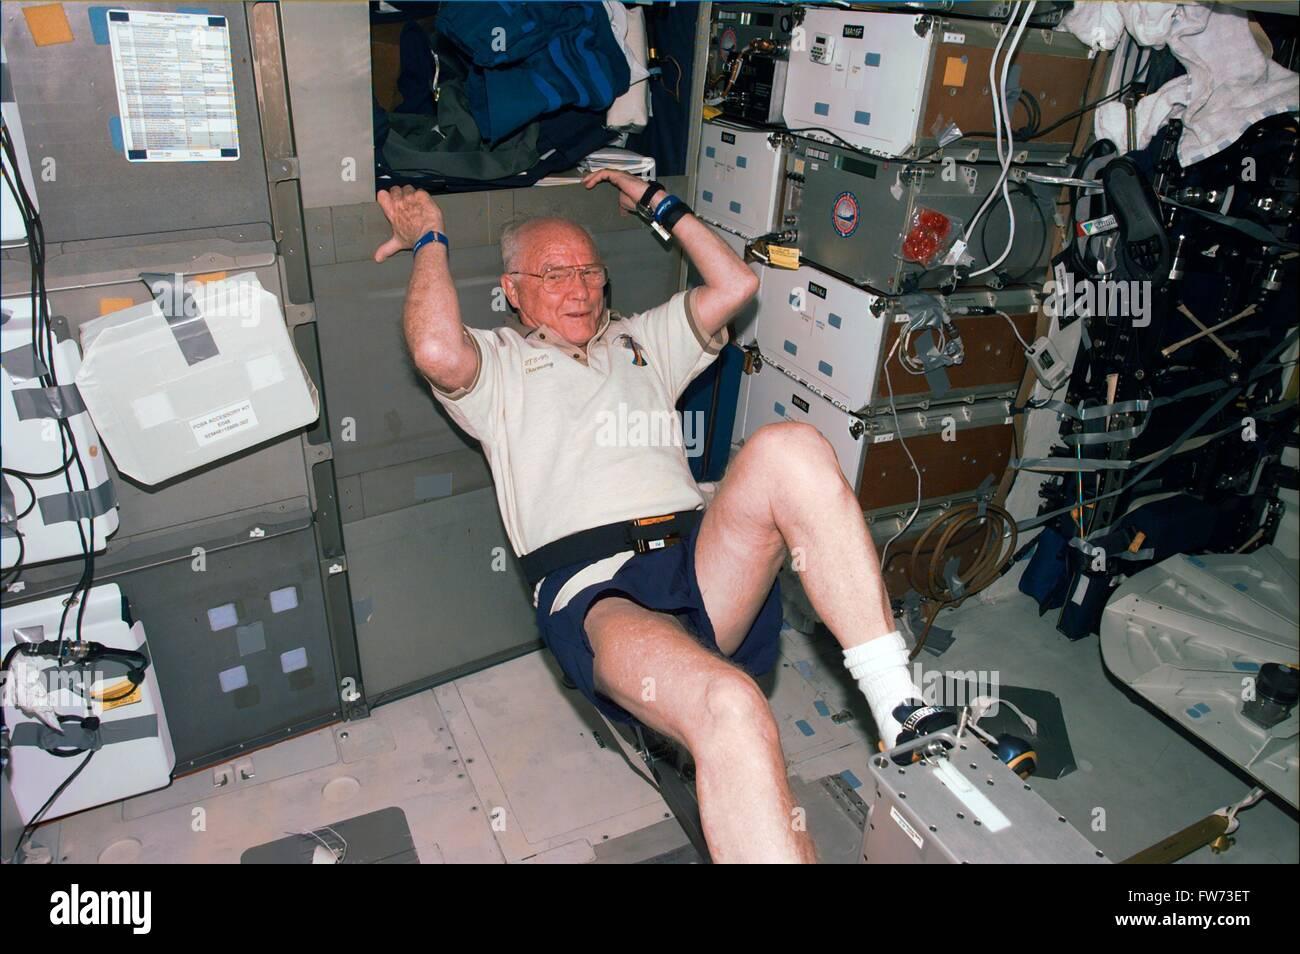 space shuttle john glenn - photo #20